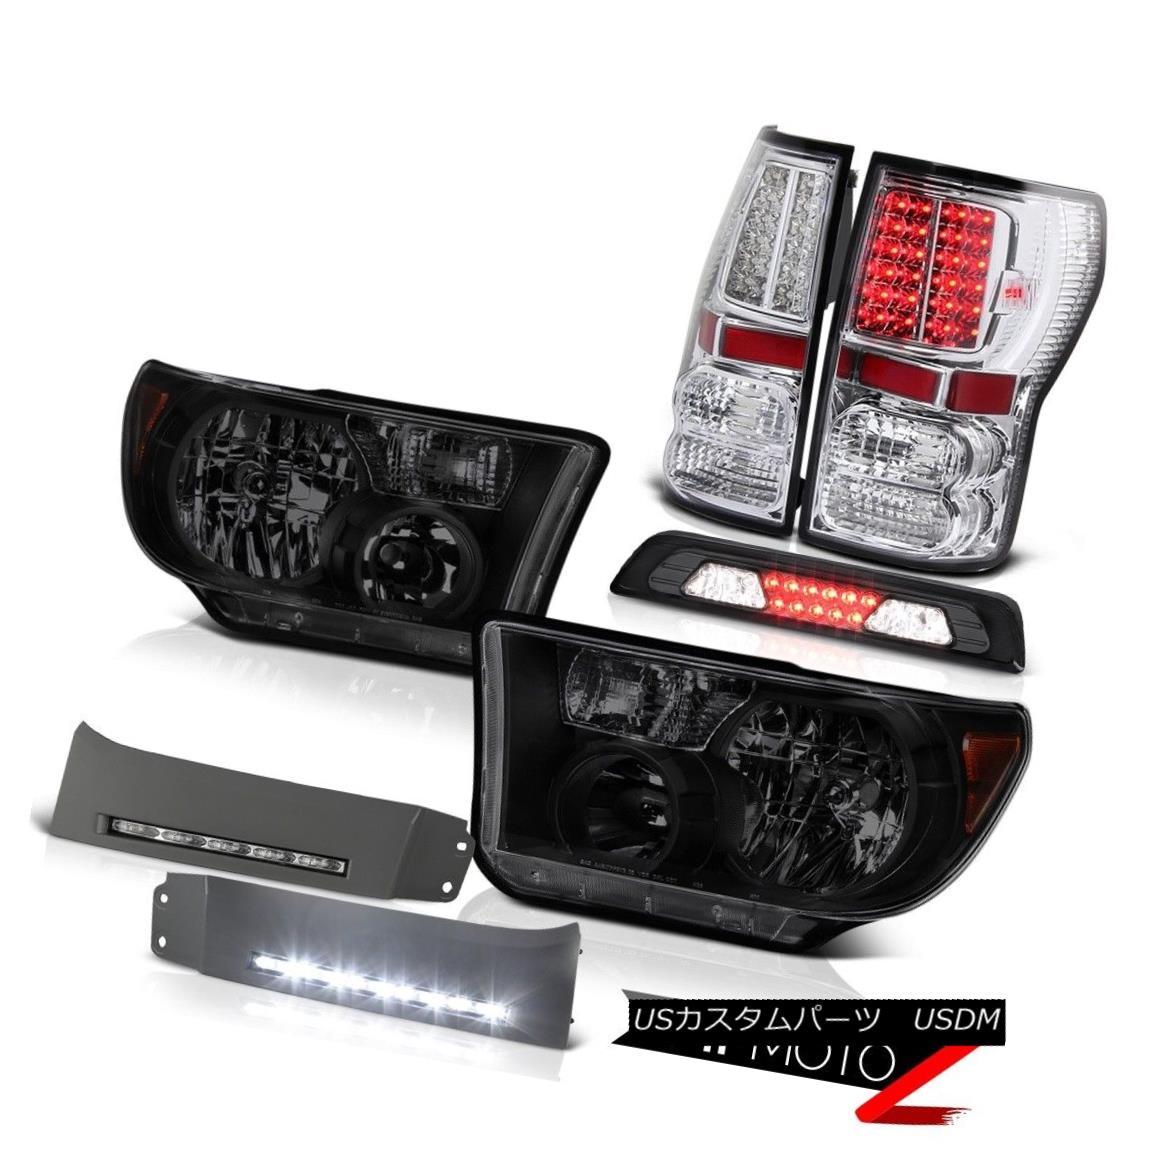 テールライト 07-13 Toyota Tundra Limited Headlamps DRL Strip Smoked Roof Cab Light Tail Lamps 07-13 Toyota Tundra LimitedヘッドランプDRLストリップスモークルーフキャブライトテールランプ